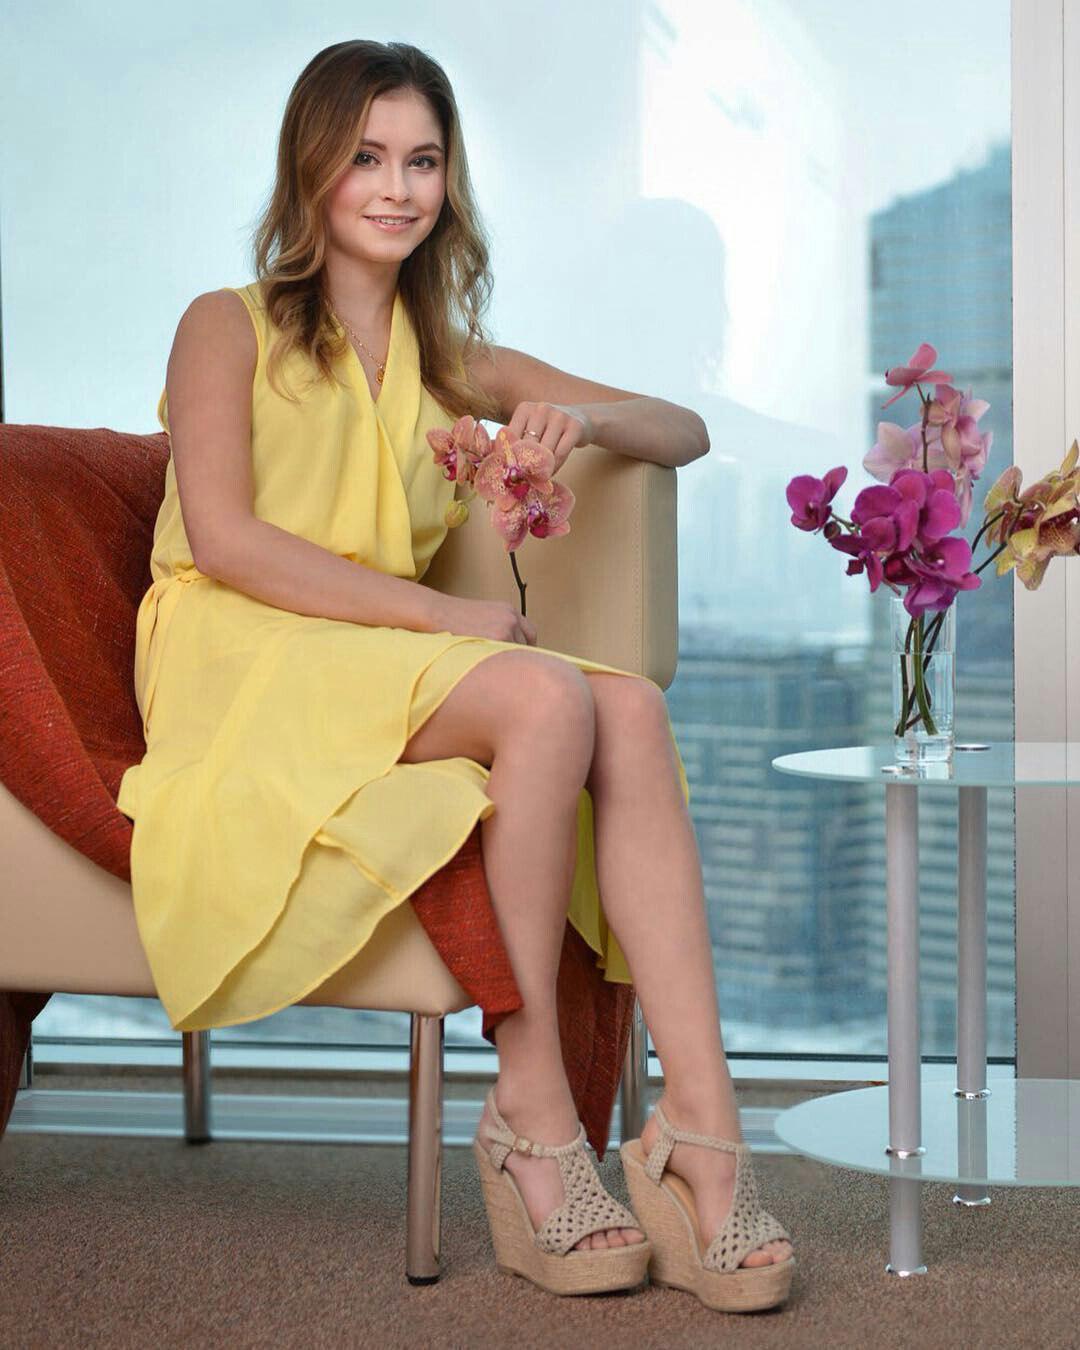 黄色いドレスを着こなすリプニツカヤの姿が美人過ぎる